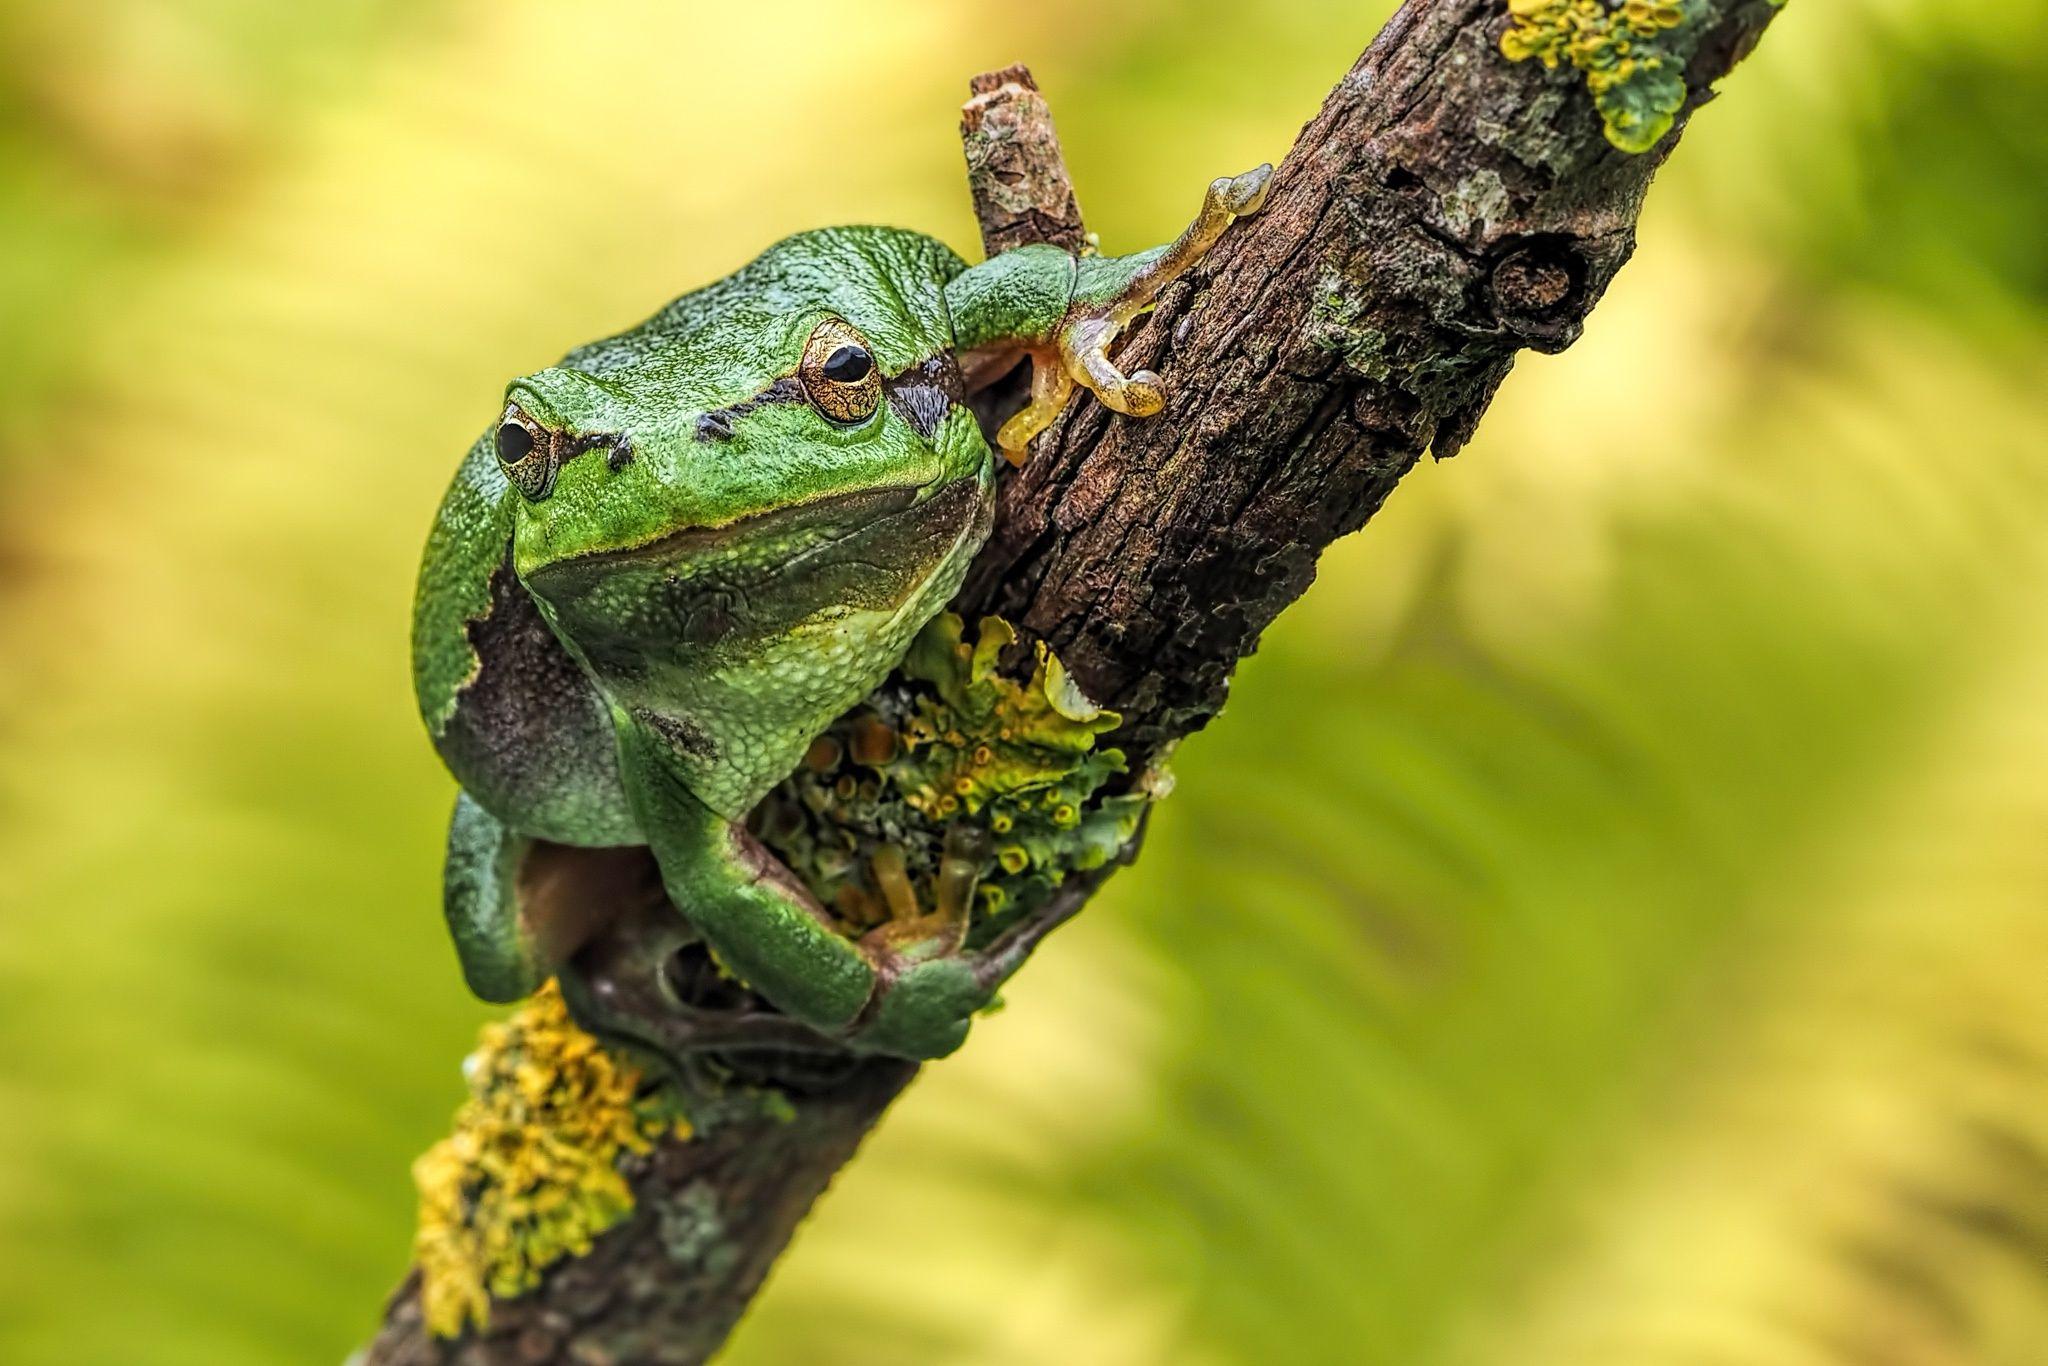 Tree Frog III by Dirk Seifert on 500px